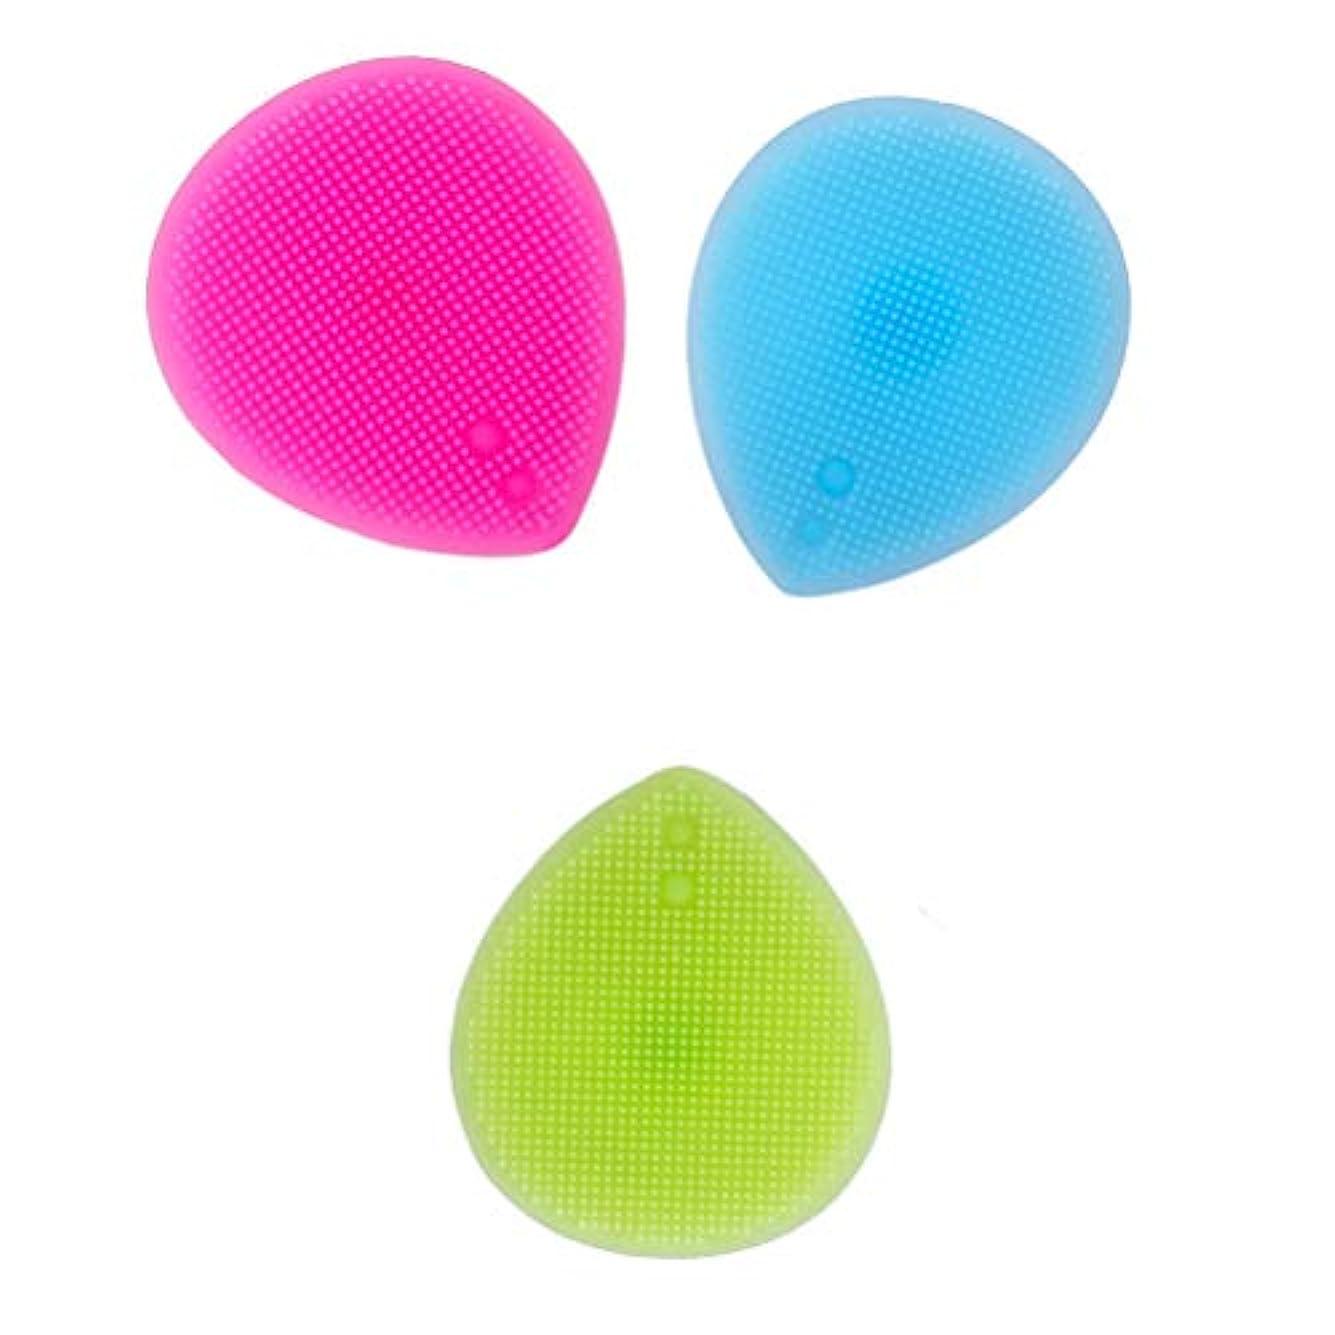 振幅洗剤フォアマンLurrose 3PCSシリコーンフェイシャルクレンジングブラシ手動フェイシャルマッサージブラシ女性用(ブルー+バラ色+グリーン)